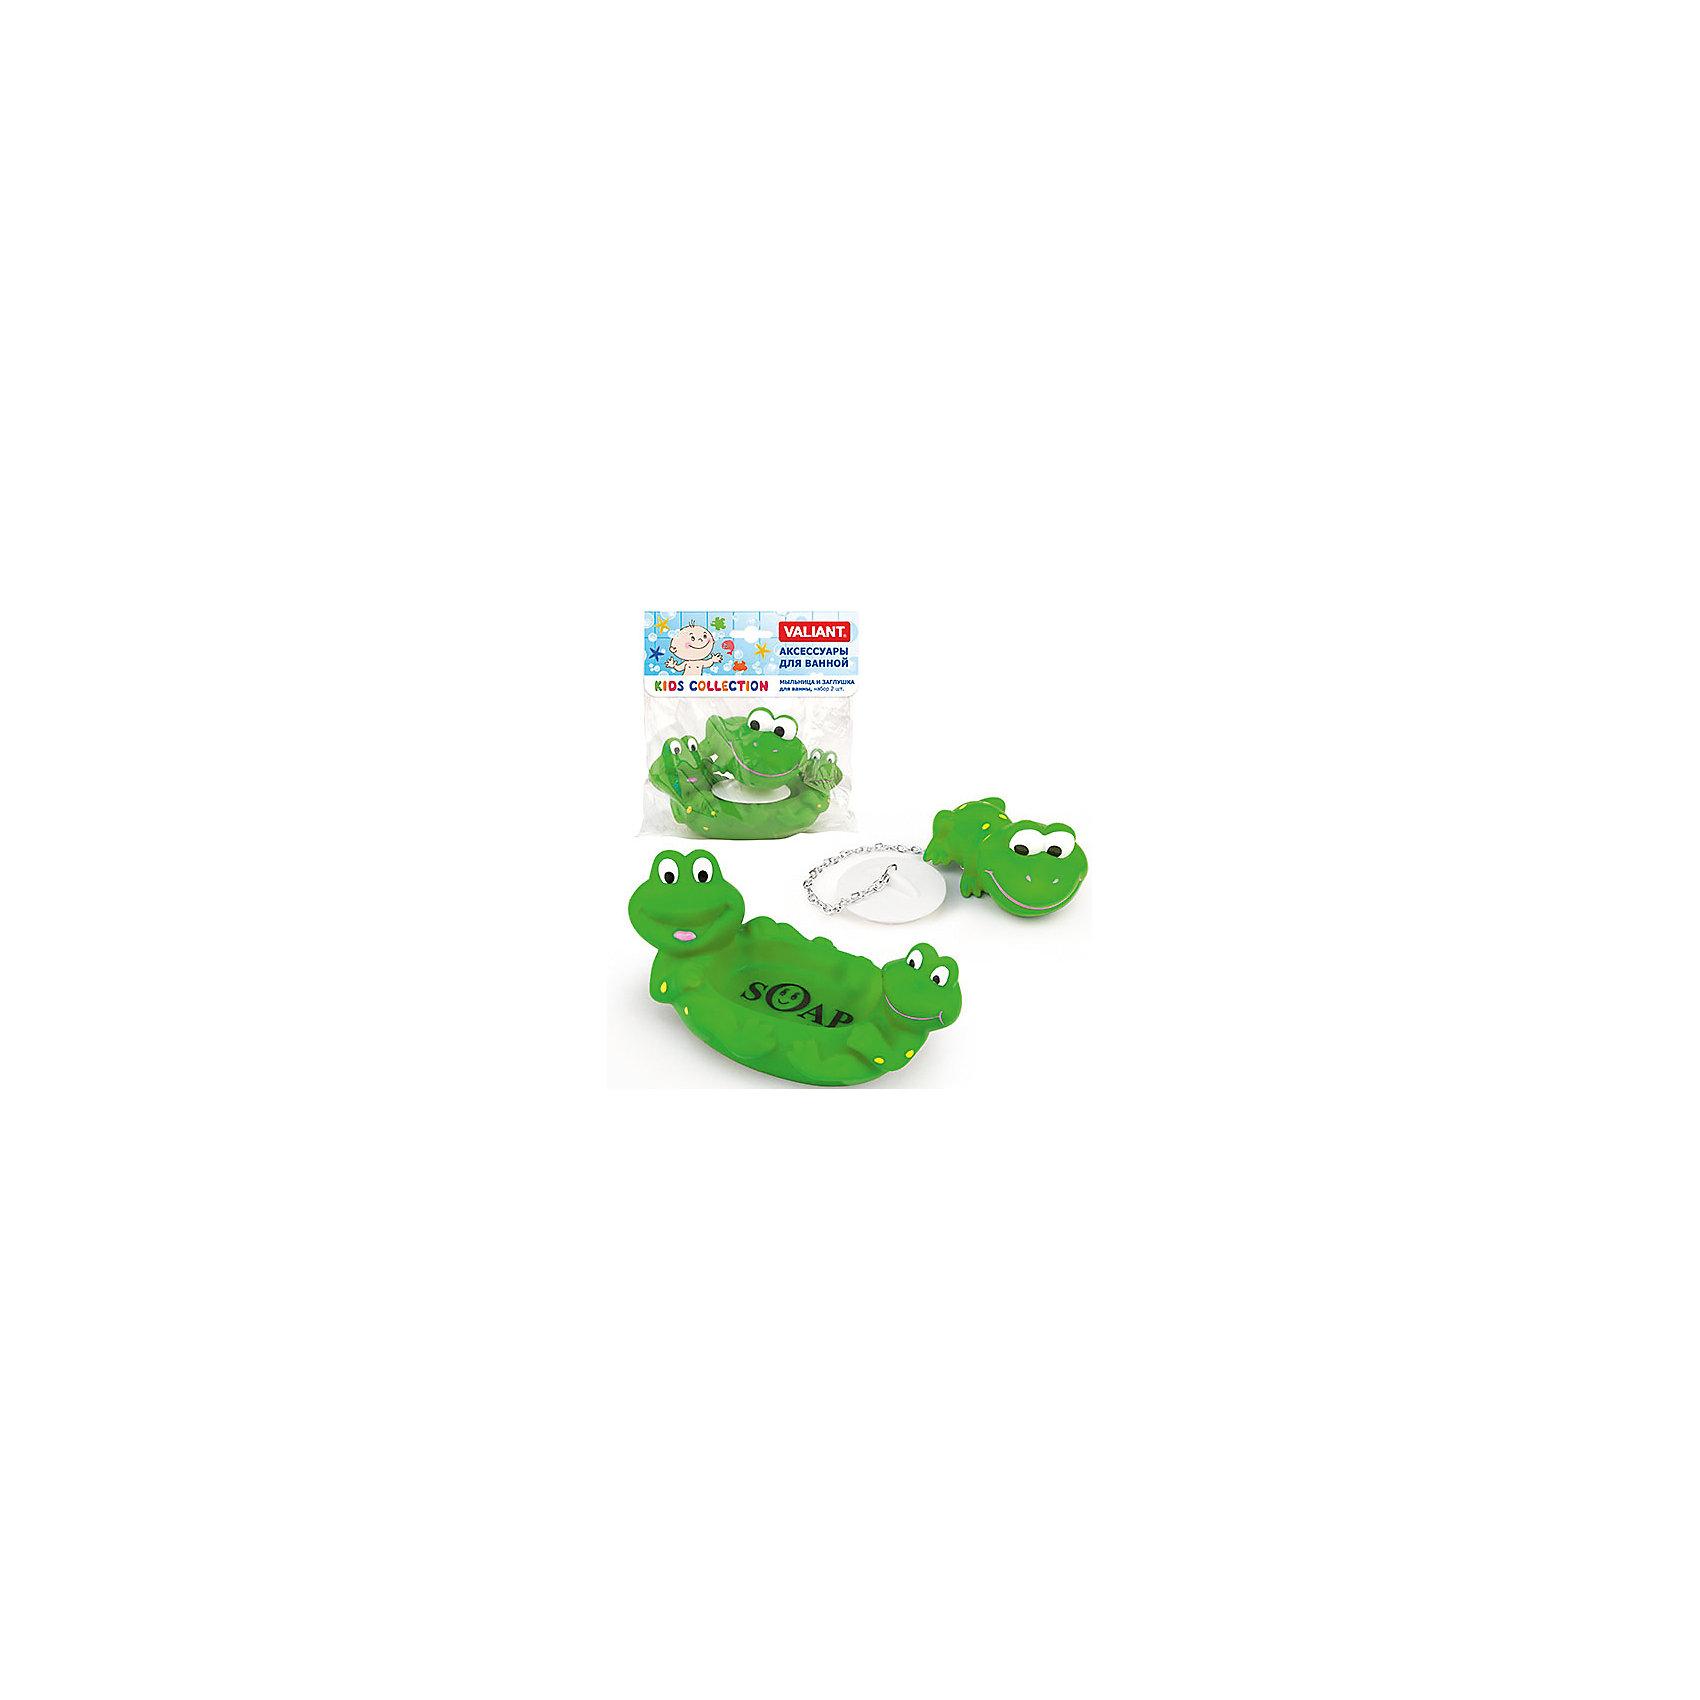 Мыльница и заглушка для ванны ЛягушатаВанная комната<br>Мыльница и заглушка для ванны  Лягушата– яркое и новое решение для Вашей ванной комнаты. Такой аксессуар гарантирует Вам и Вашим детям радостное настроение на каждый день. Дополнит коллекцию лягушат: сетка настенная на присосах для аксессуаров и подставка со стаканом для зубных щеток.<br><br>Дополнительная информация: <br><br>- мыльница и заглушка для ванны, набор 2 шт., лягушата<br>- размер: мыльница: 8*14,5*7 см.<br>             заглушка 6,5*8,5*4 см.<br>- материал: ПВХ без фталатов<br>- упаковка: PP пакет, цветная карта-держатель<br><br>Мыльницу и заглушку для ванны  Лягушата можно купить в нашем интернет-магазине.<br><br>Ширина мм: 138<br>Глубина мм: 70<br>Высота мм: 145<br>Вес г: 139<br>Возраст от месяцев: -2147483648<br>Возраст до месяцев: 2147483647<br>Пол: Унисекс<br>Возраст: Детский<br>SKU: 4563373